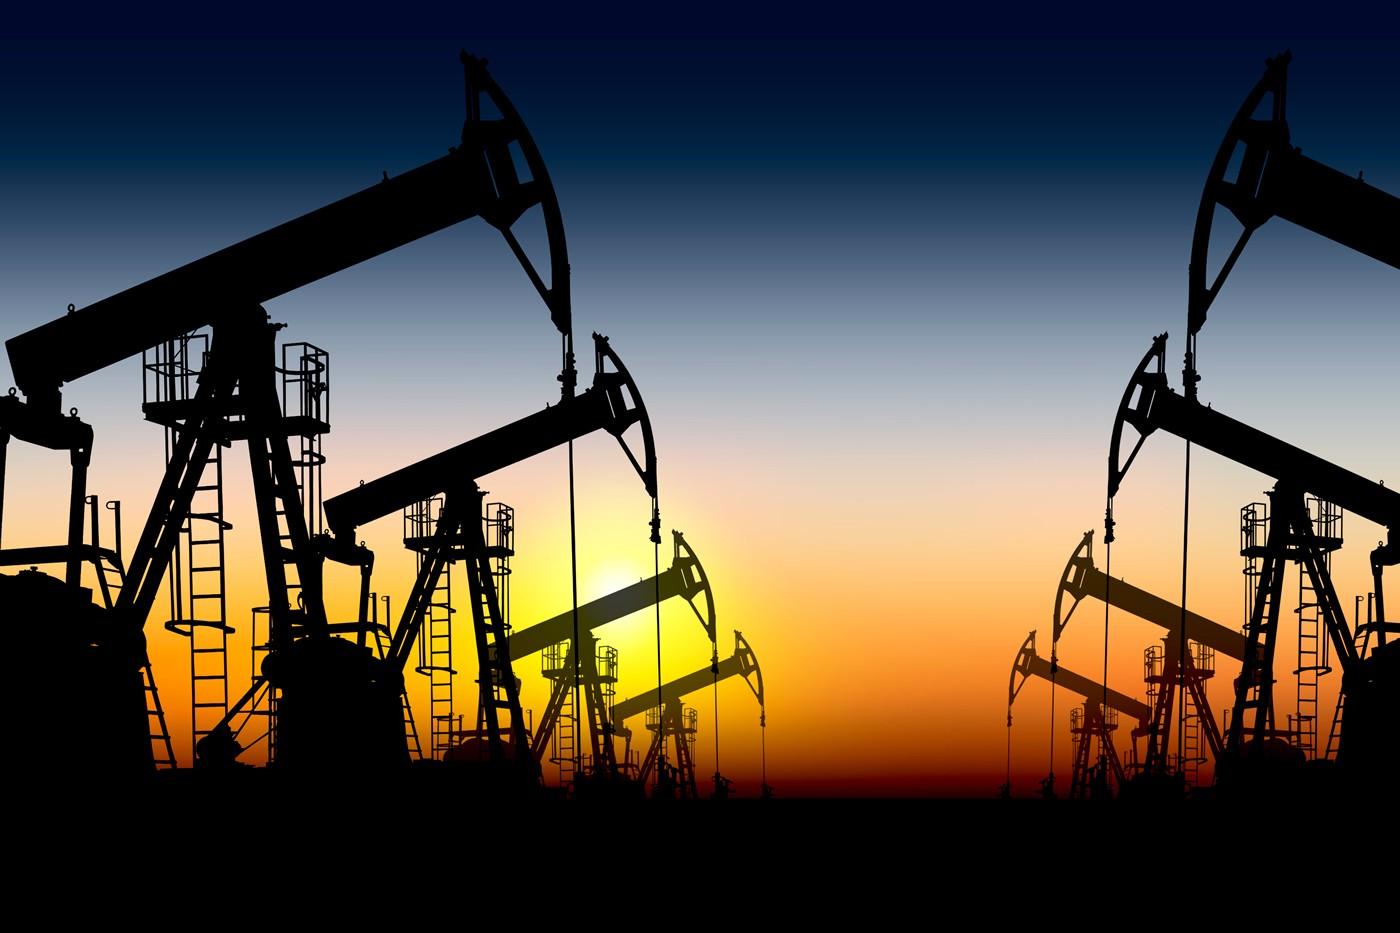 В предстоящем году Газпромнефть остановит добычу наряде скважин